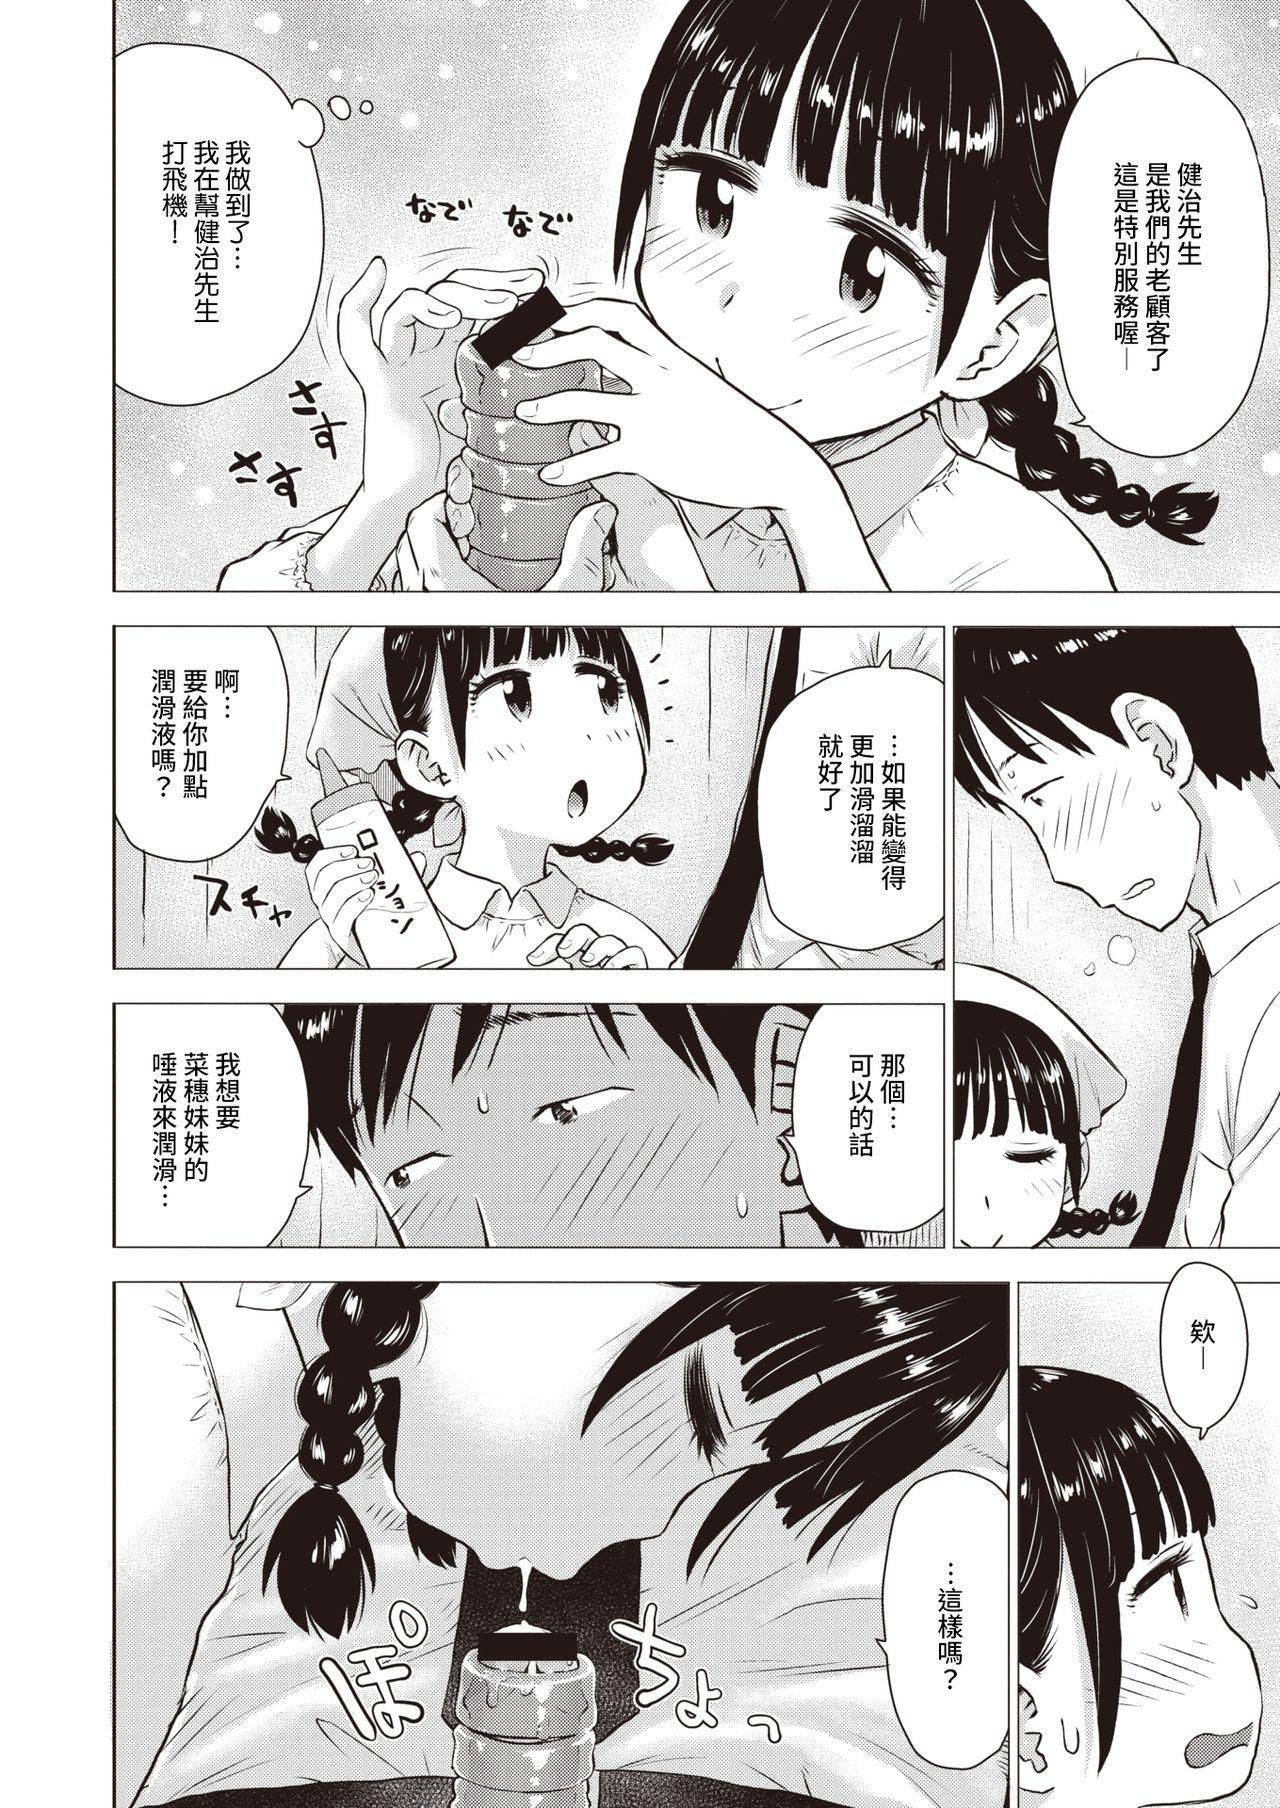 [Karma Tatsurou] Naho-chan wa Onahoya-san (WEEKLY Kairakuten 2021 No.31) [Chinese] [裸單騎漢化] 7